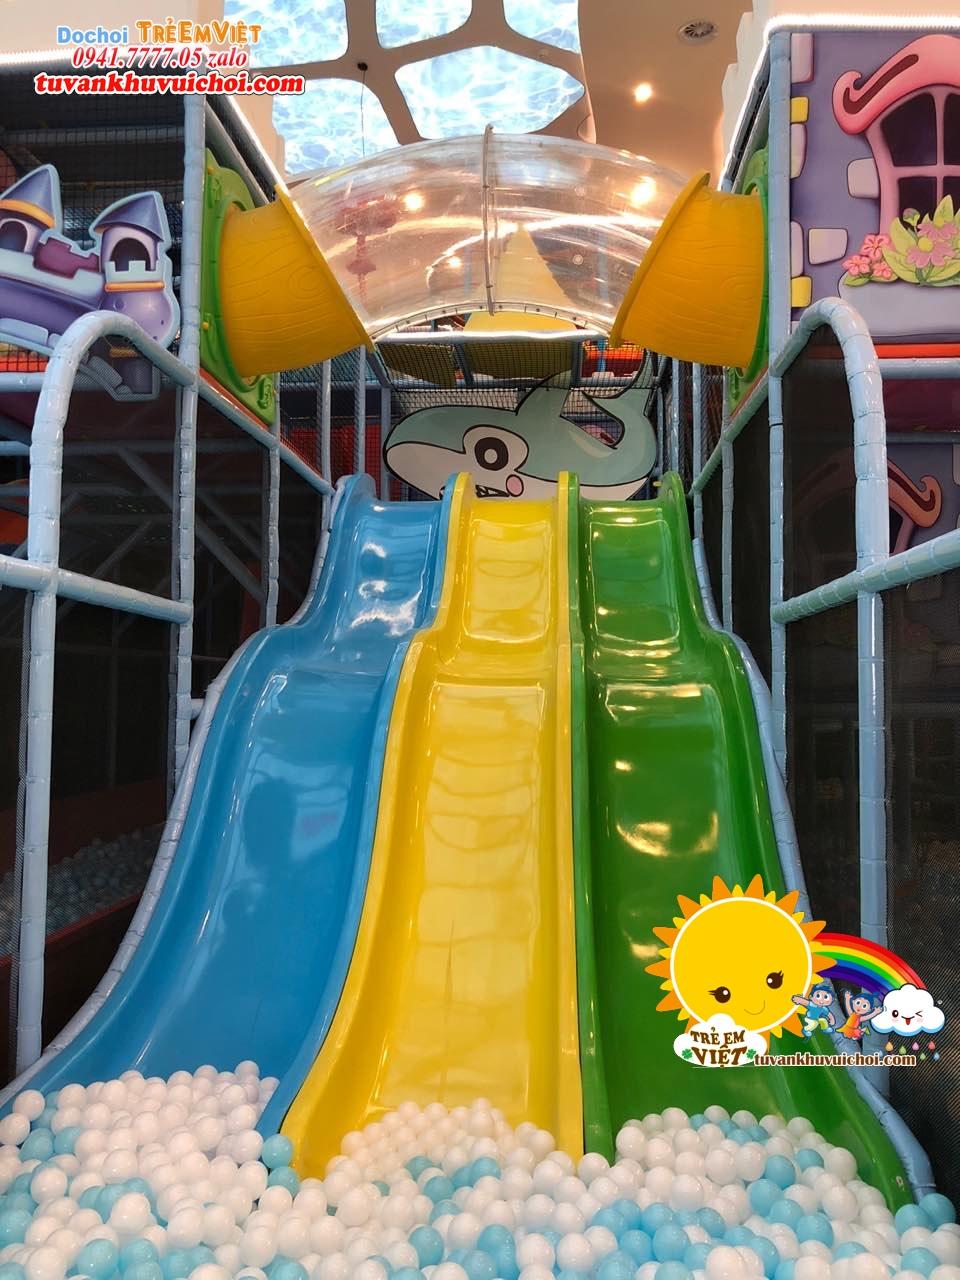 Các mẫu máng trượt ở khu vui chơi trẻ em.